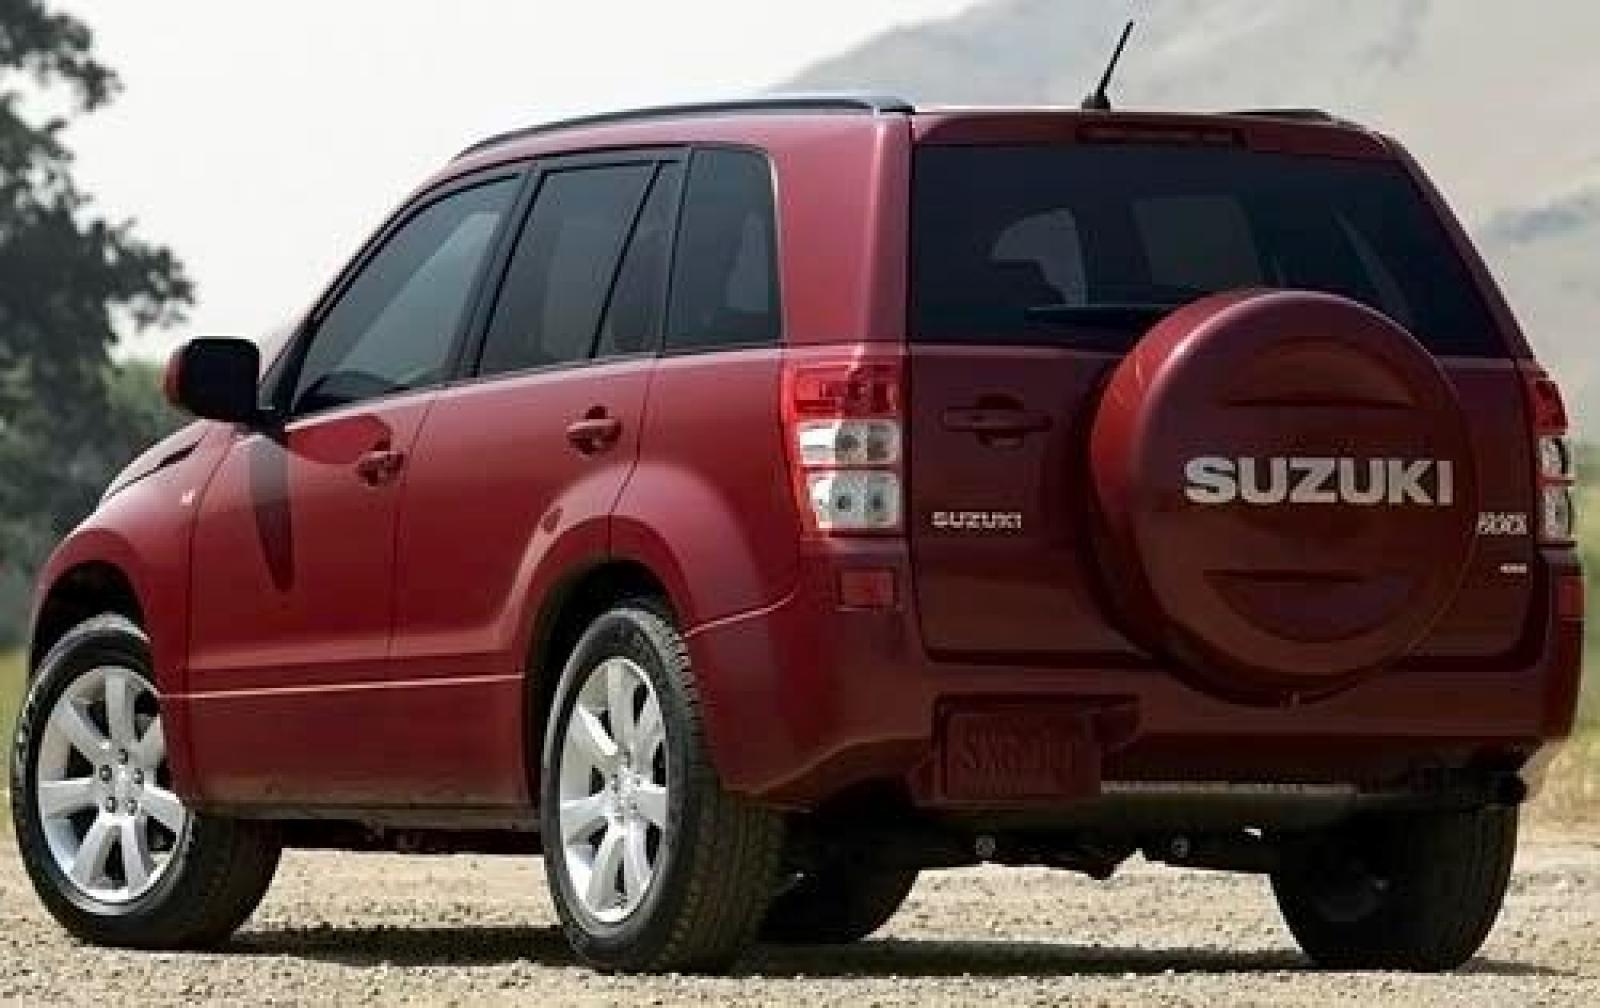 800 1024 1280 1600 Origin 2010 Suzuki